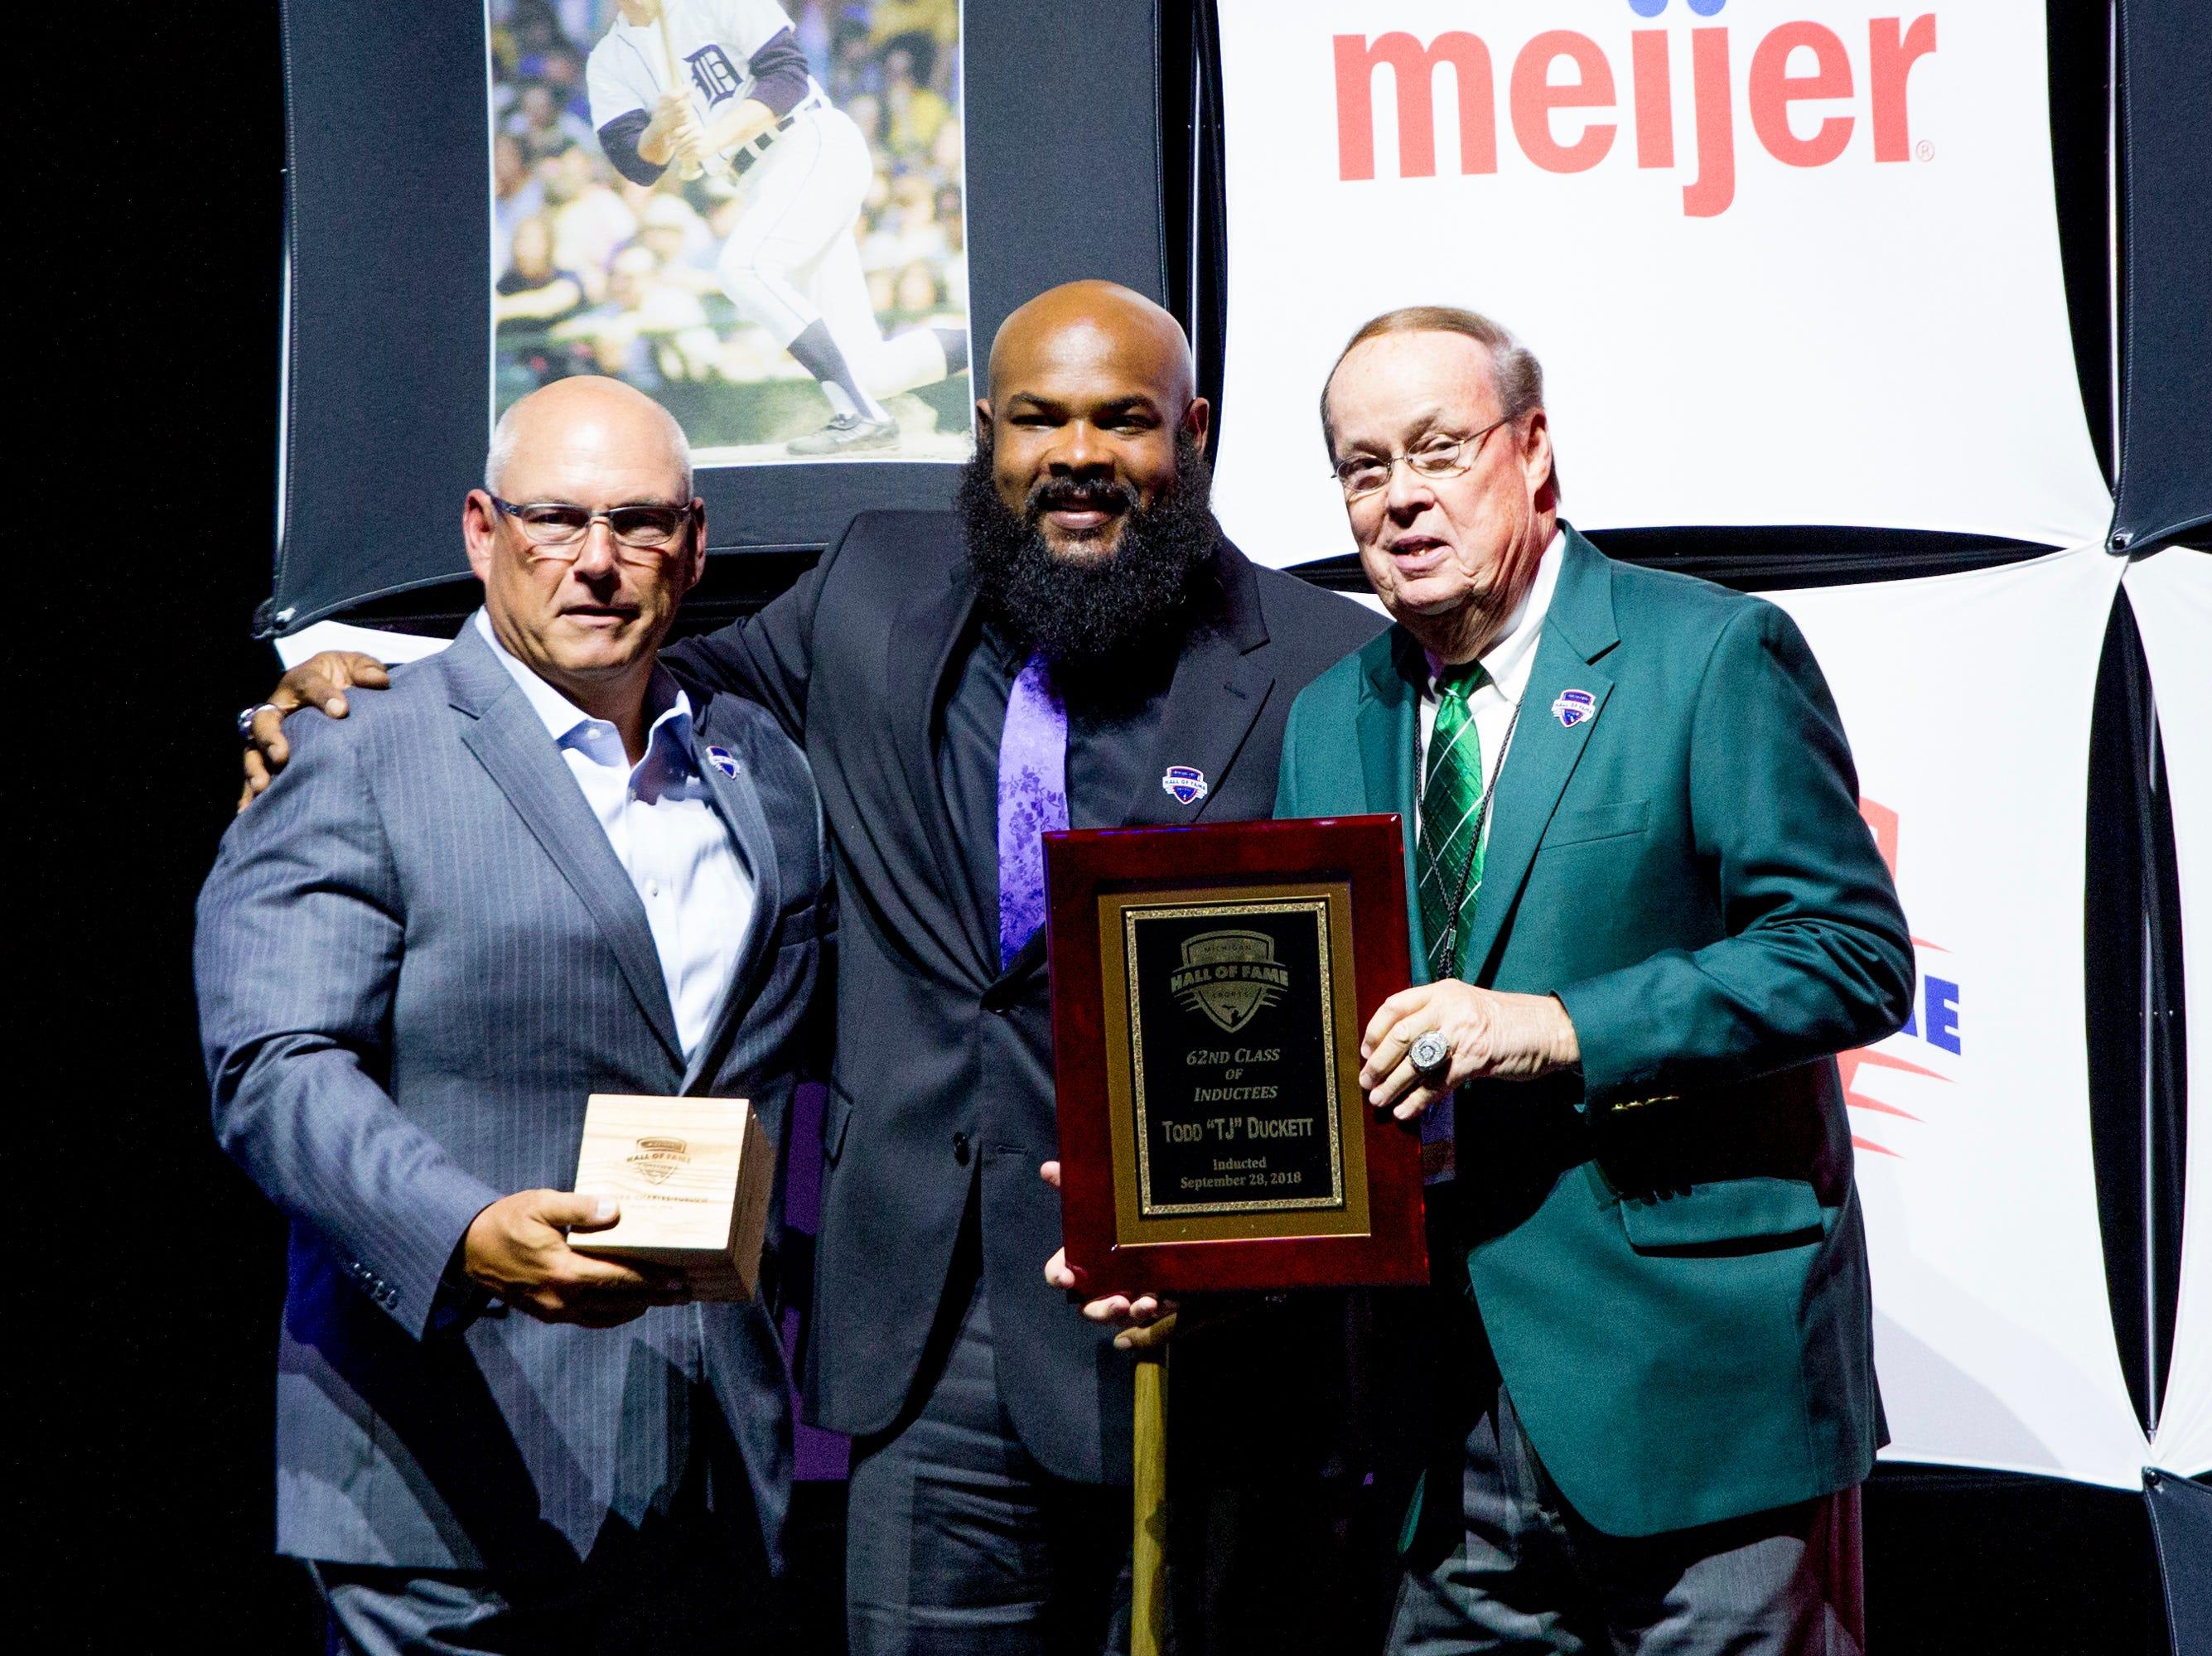 """Former MSU running back Todd """"TJ"""" Duckett receives his award."""